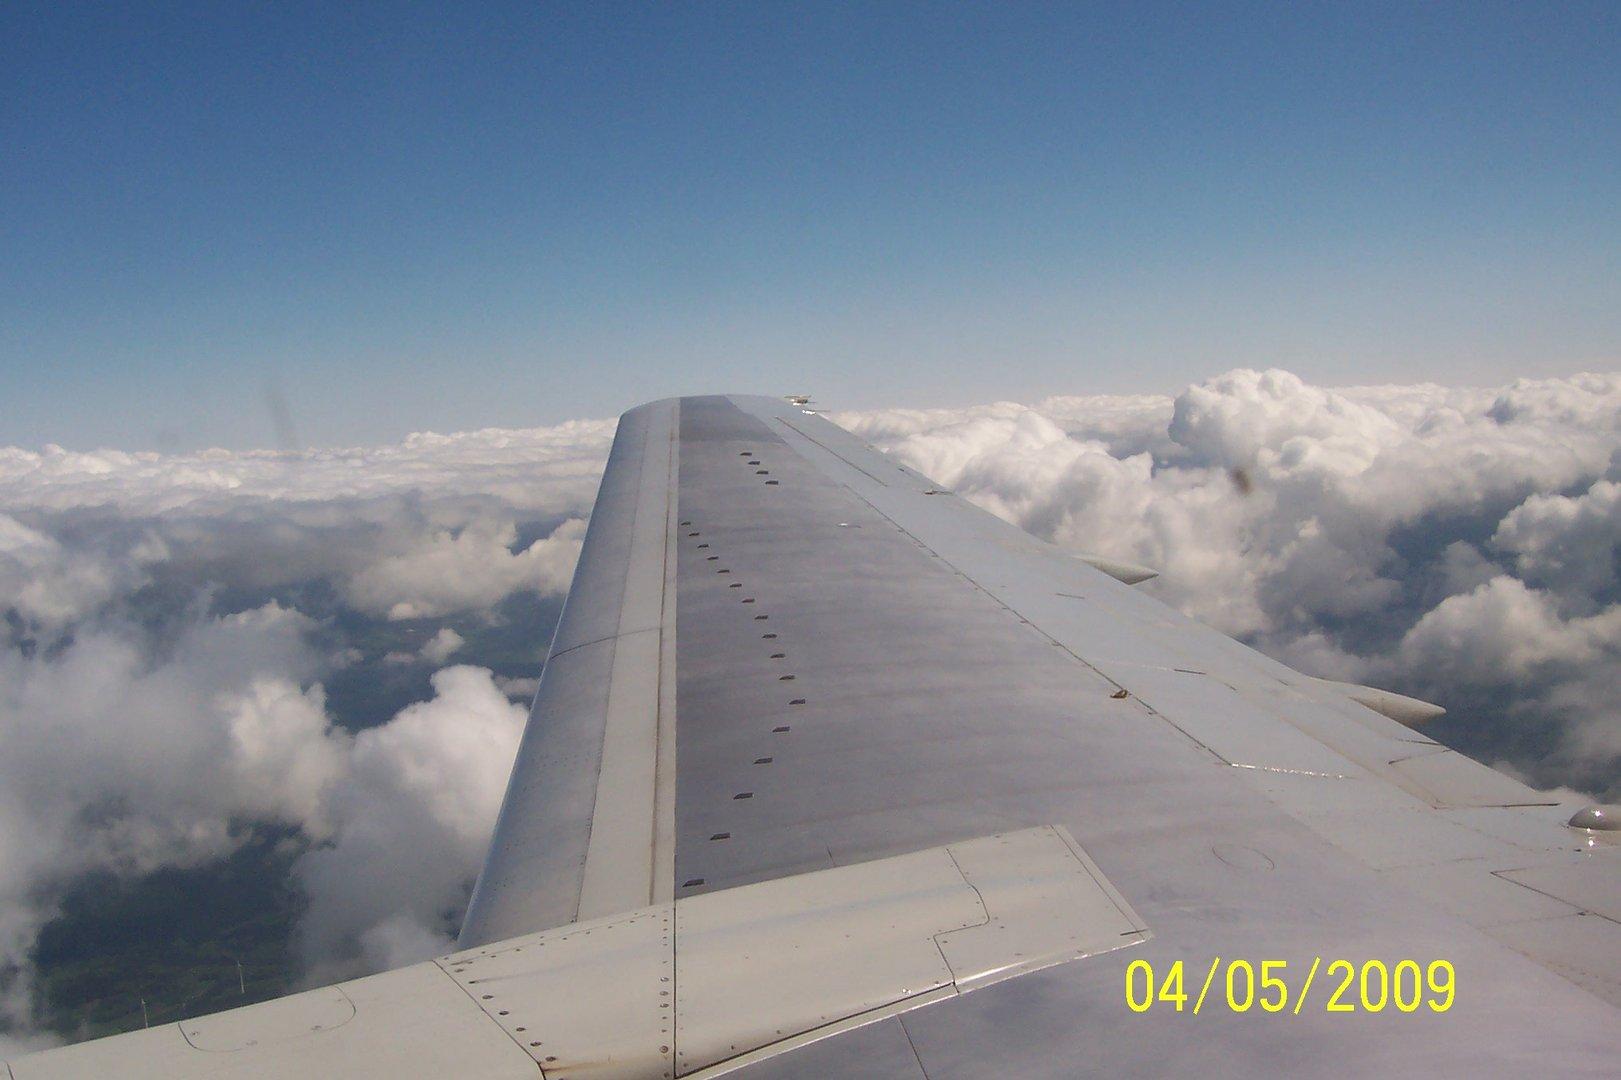 Über den Wolken,muss die Freiheit wohl.........